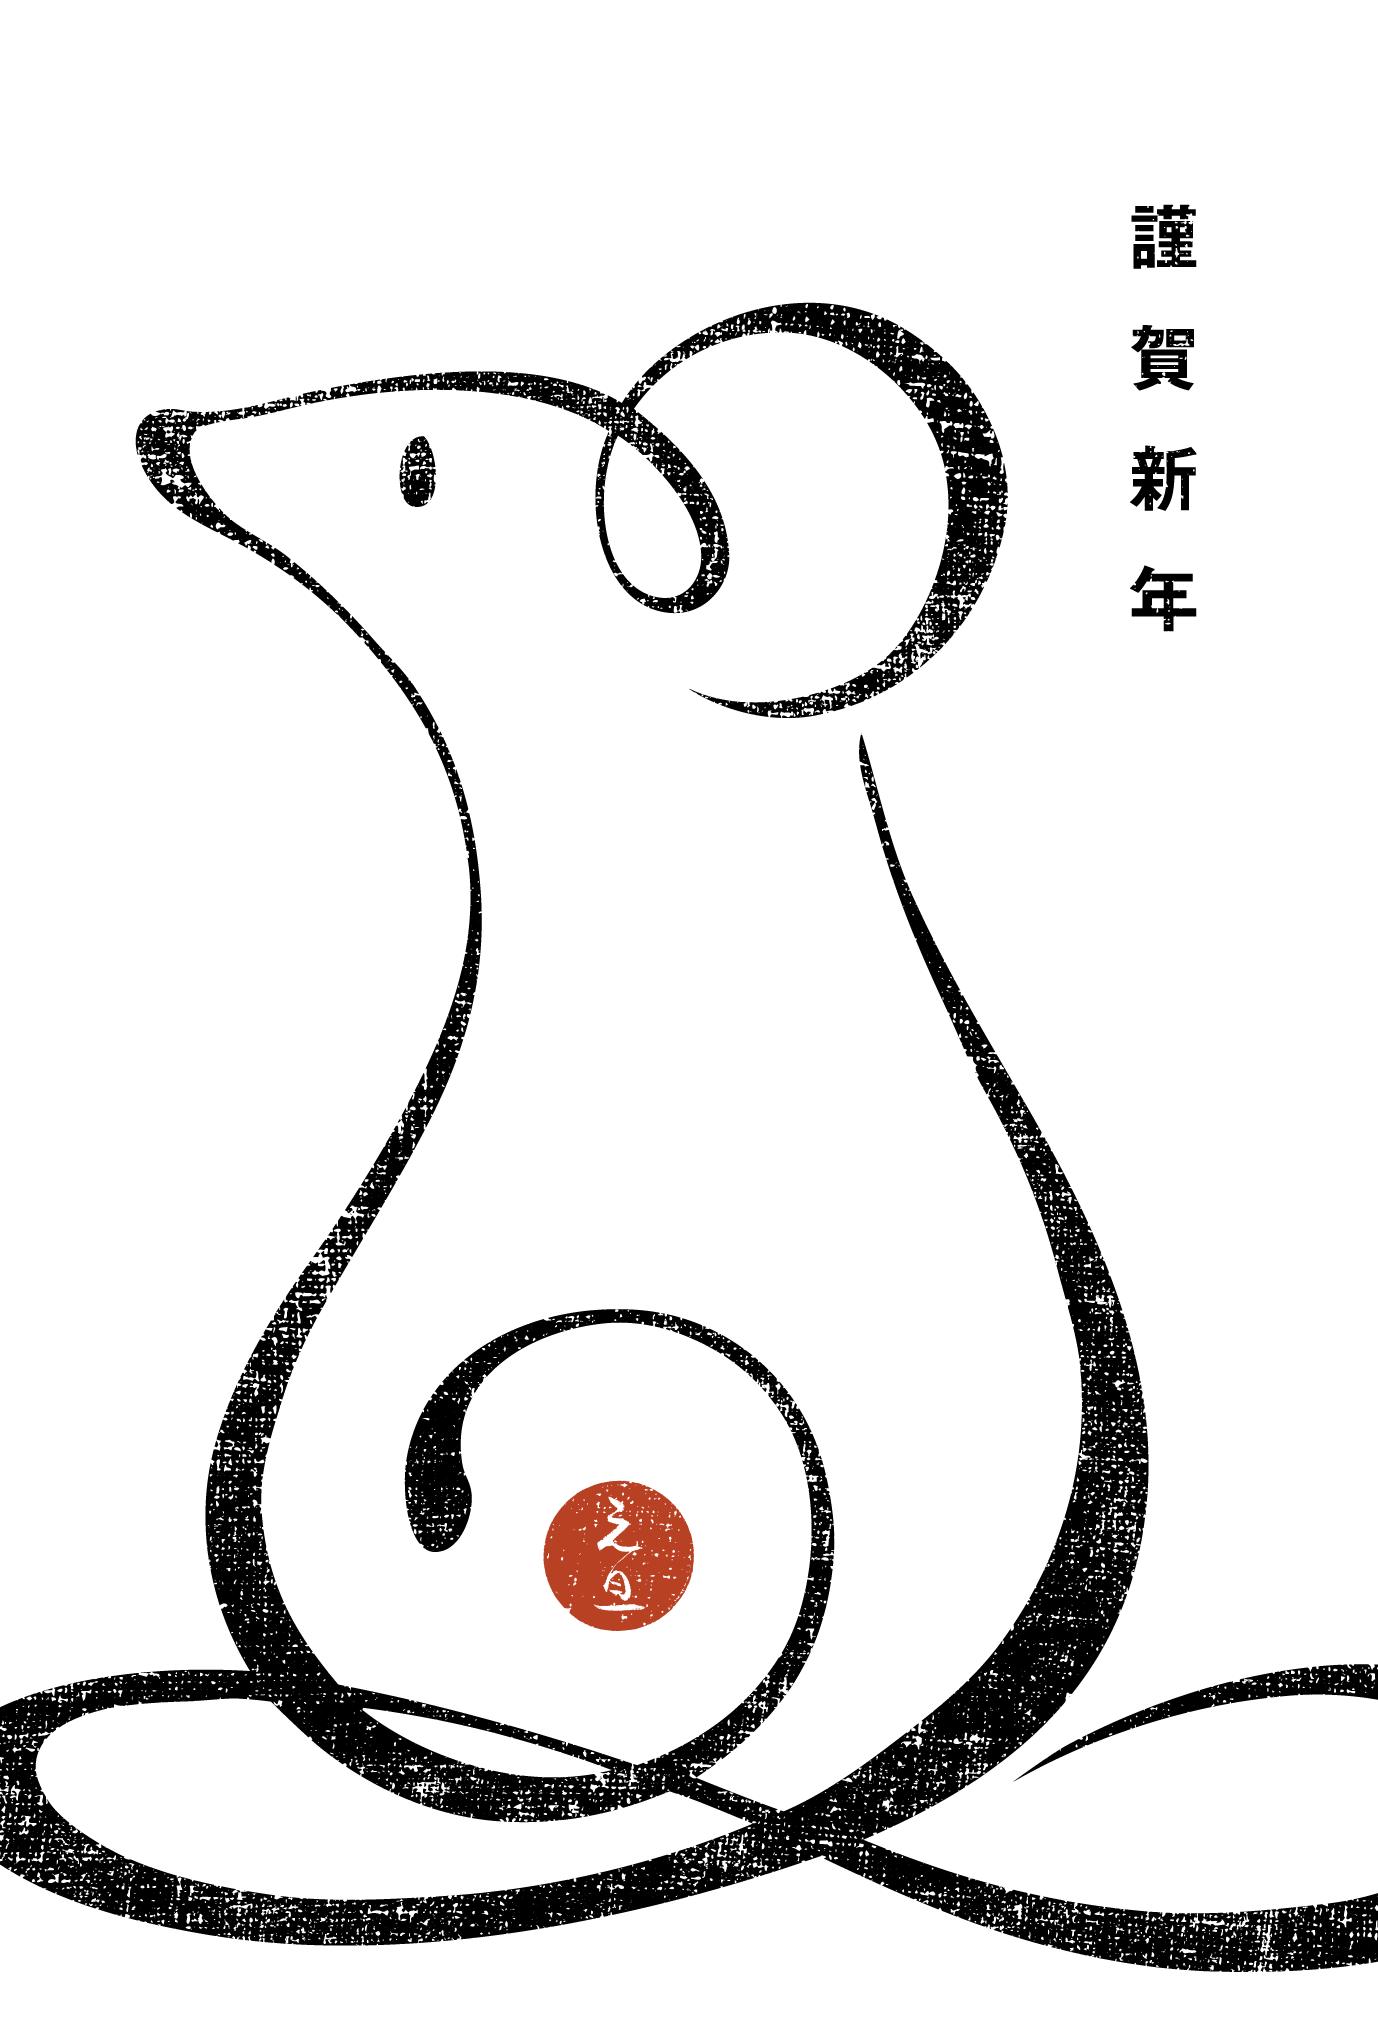 2020年賀状10-2:Nezugraphy / 黒のダウンロード画像